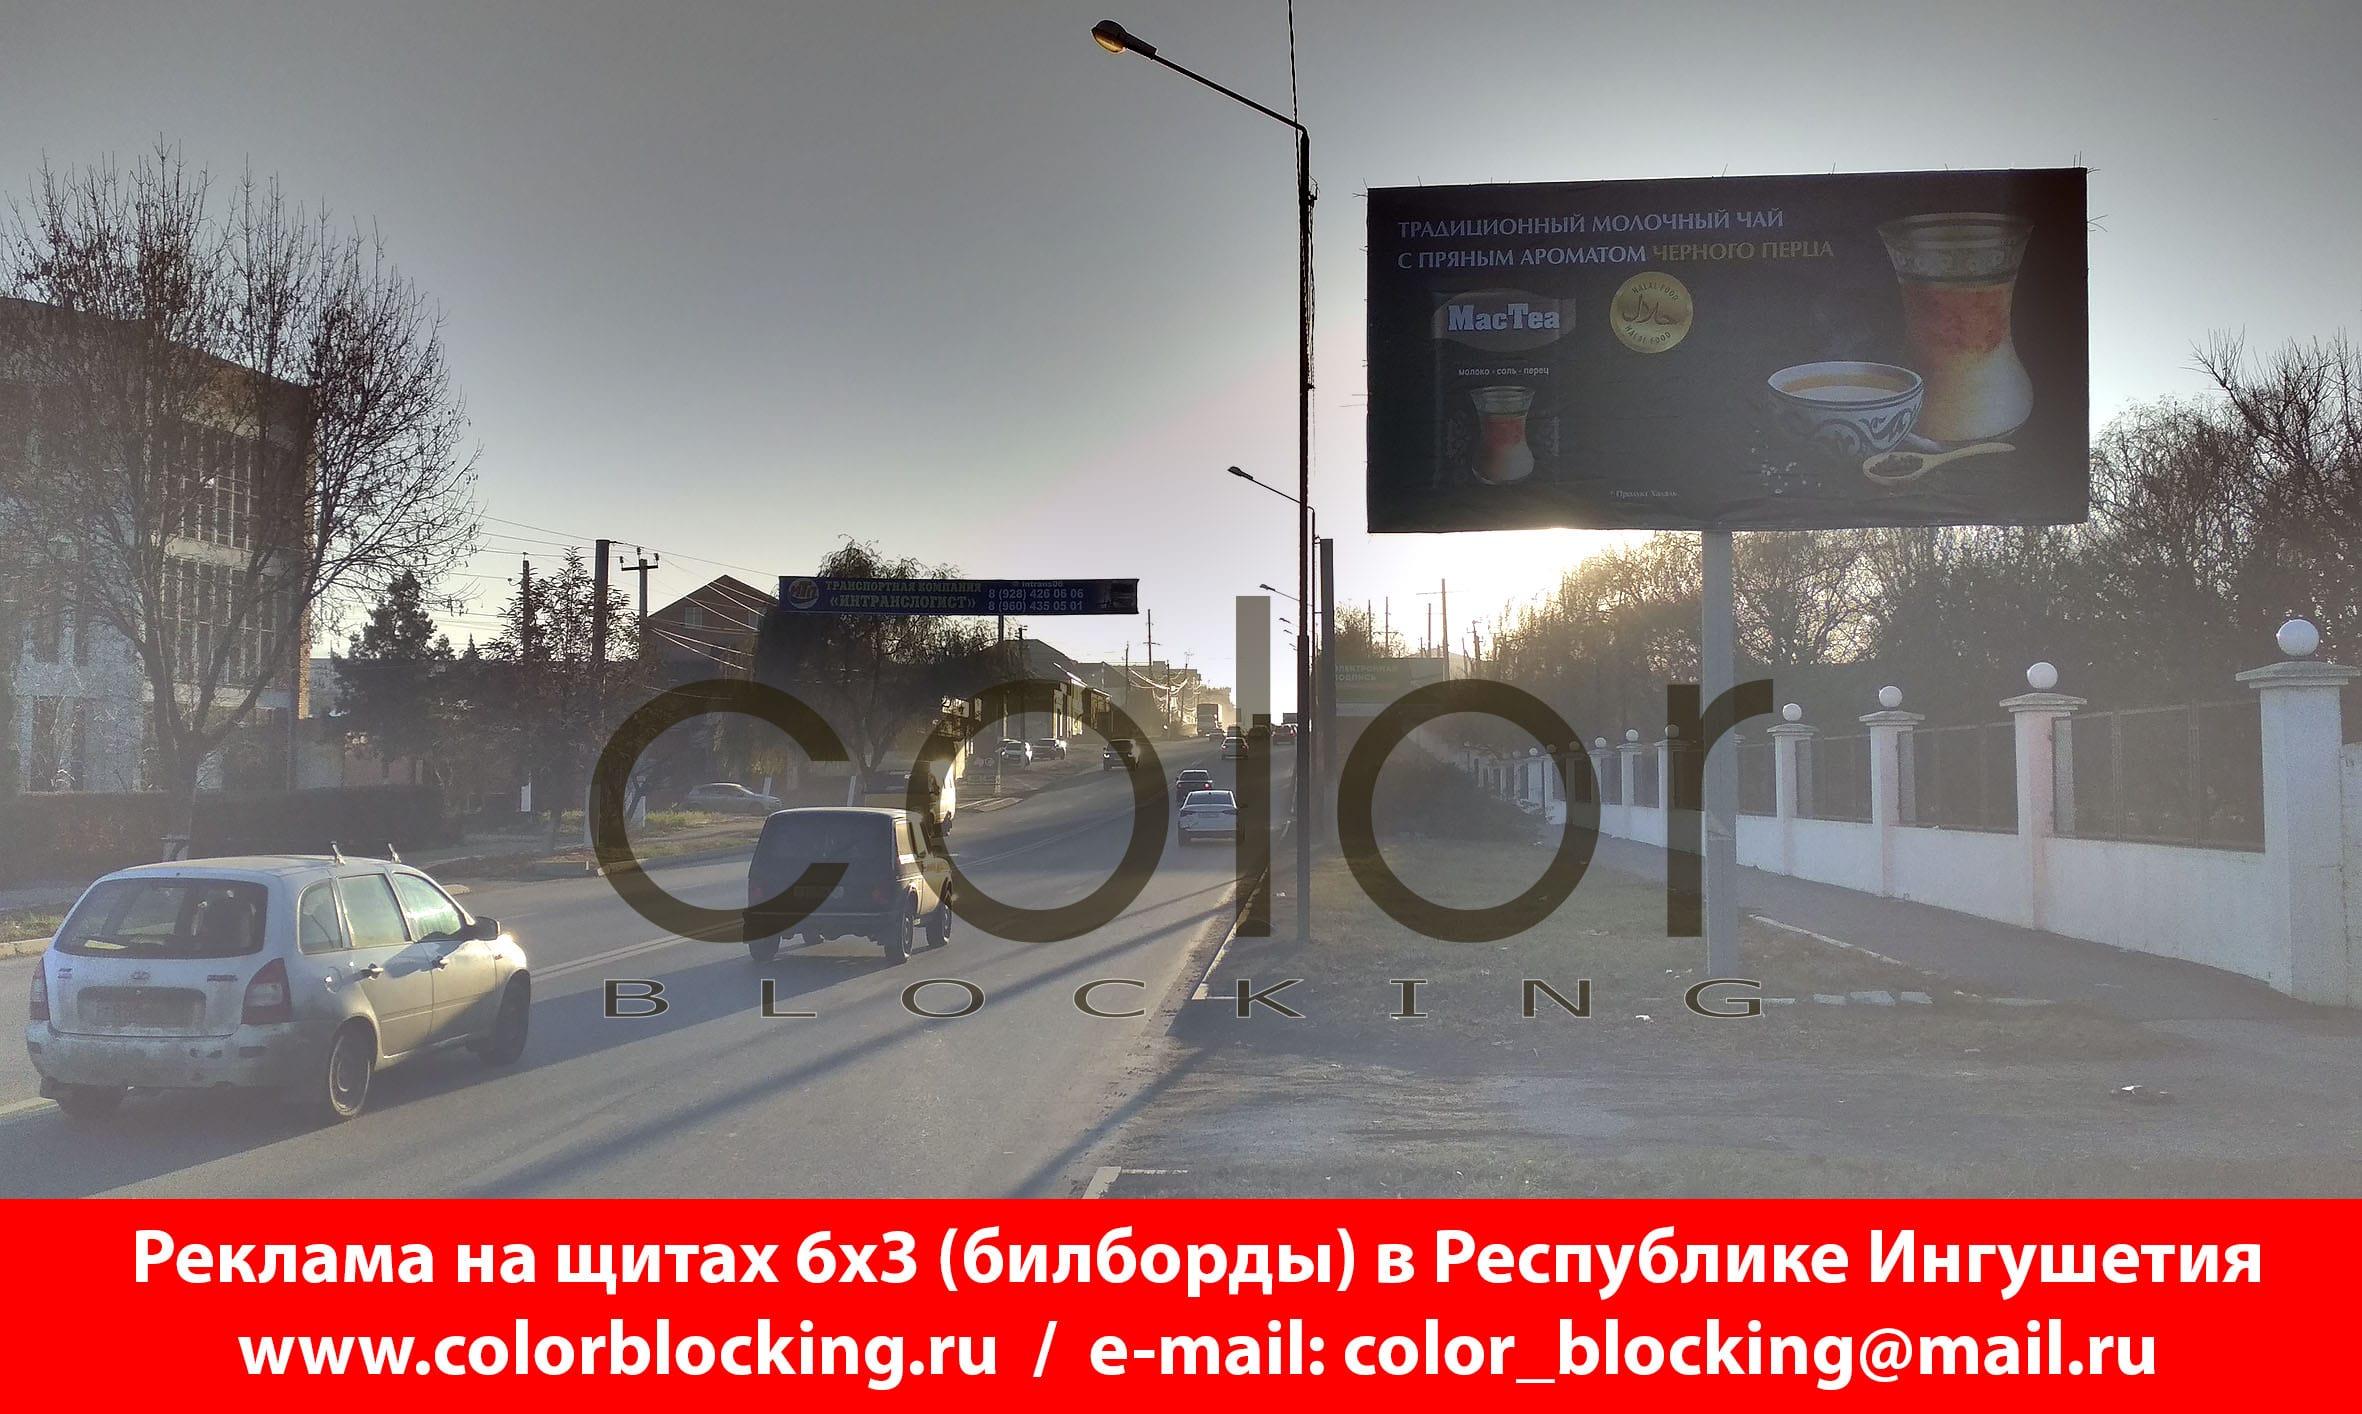 Реклама в Ингушетии на щитах 6х3 Картоева